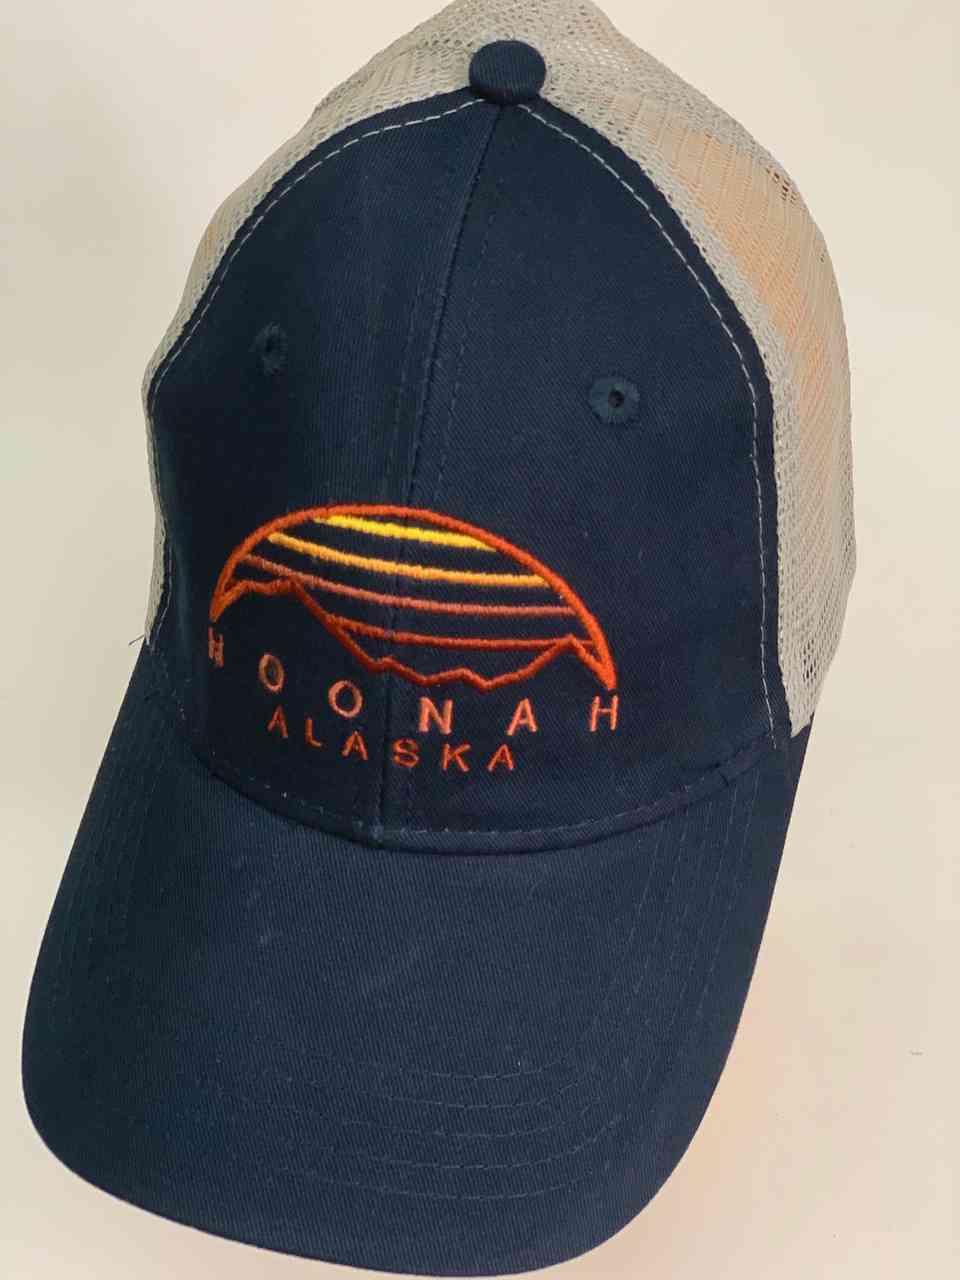 Синяя бейсболка с сеткой HOONAH Alaska